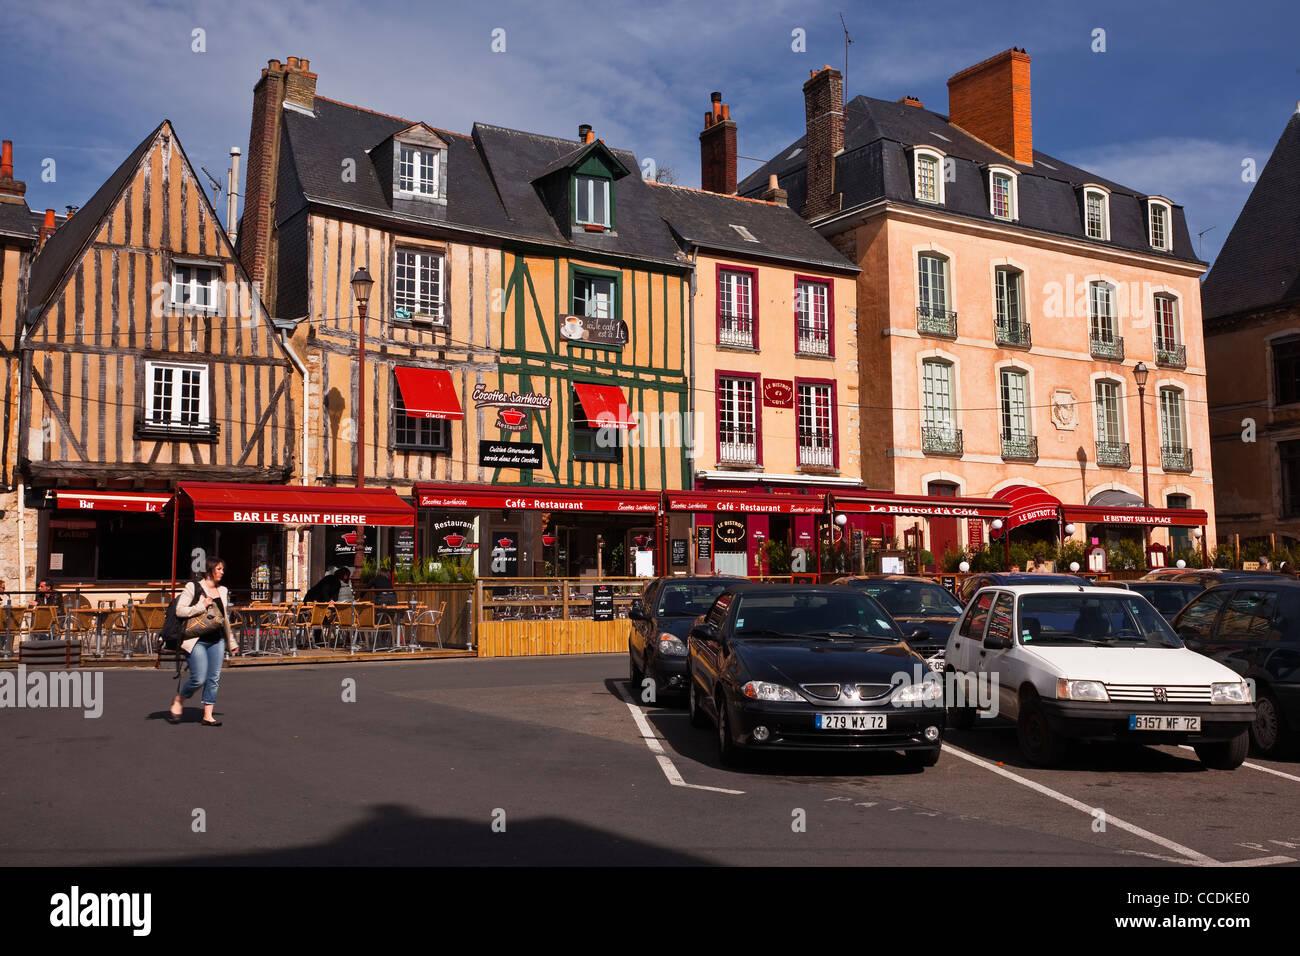 Restaurants and Bistros in Place saint Pierre in Le Mans, Sarthe, Pays de la Loire, France. - Stock Image